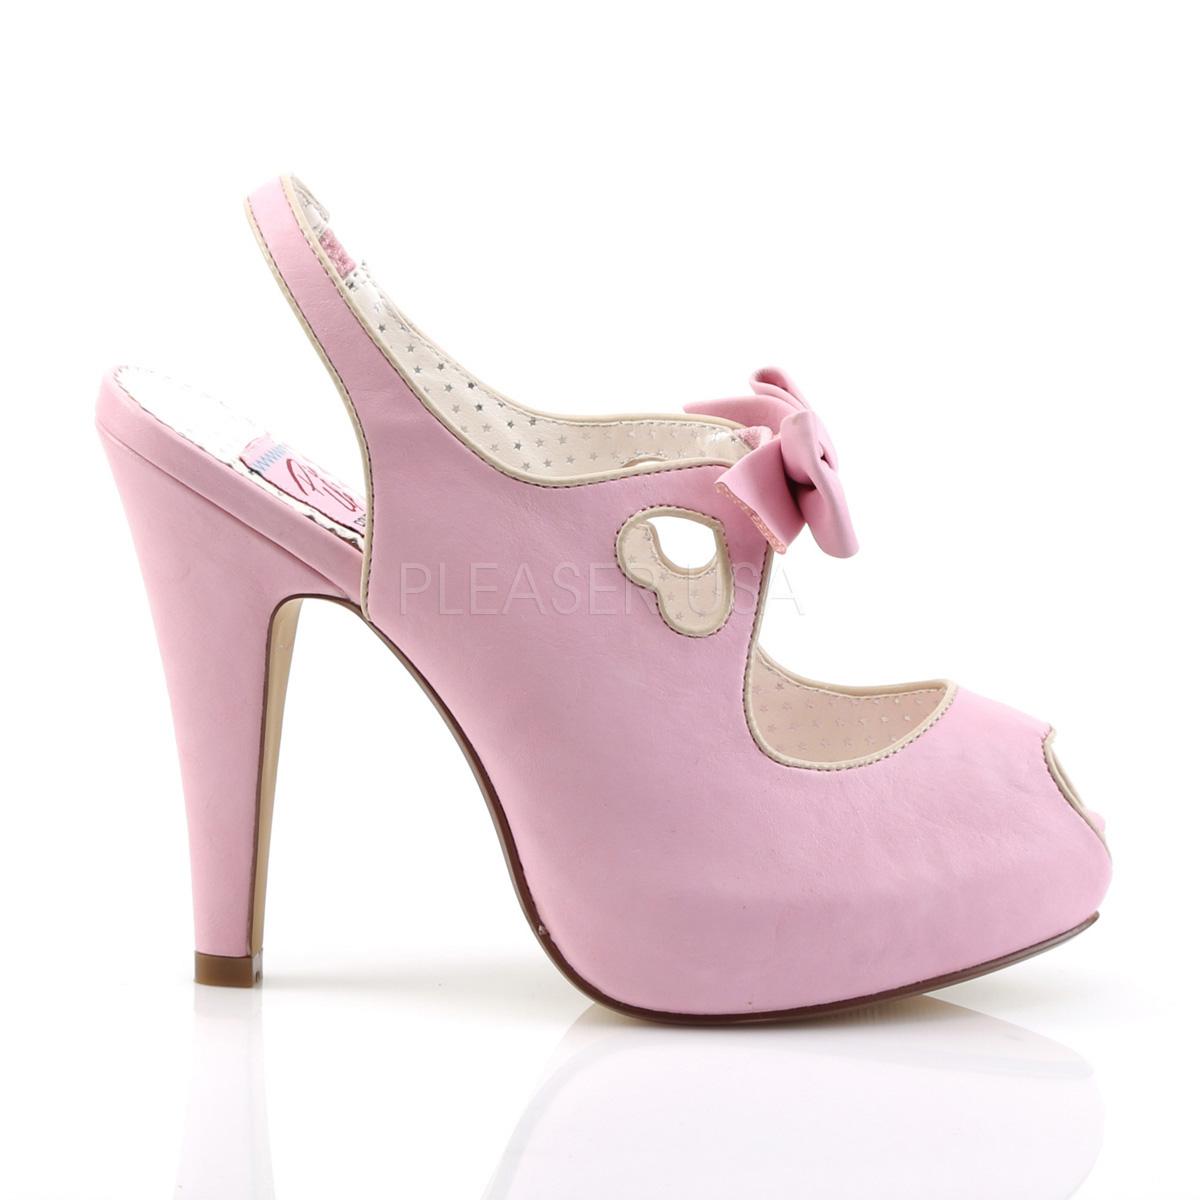 2c0b797a588 Peeptoe Slingbacks BETTIE-03 - Baby Pink